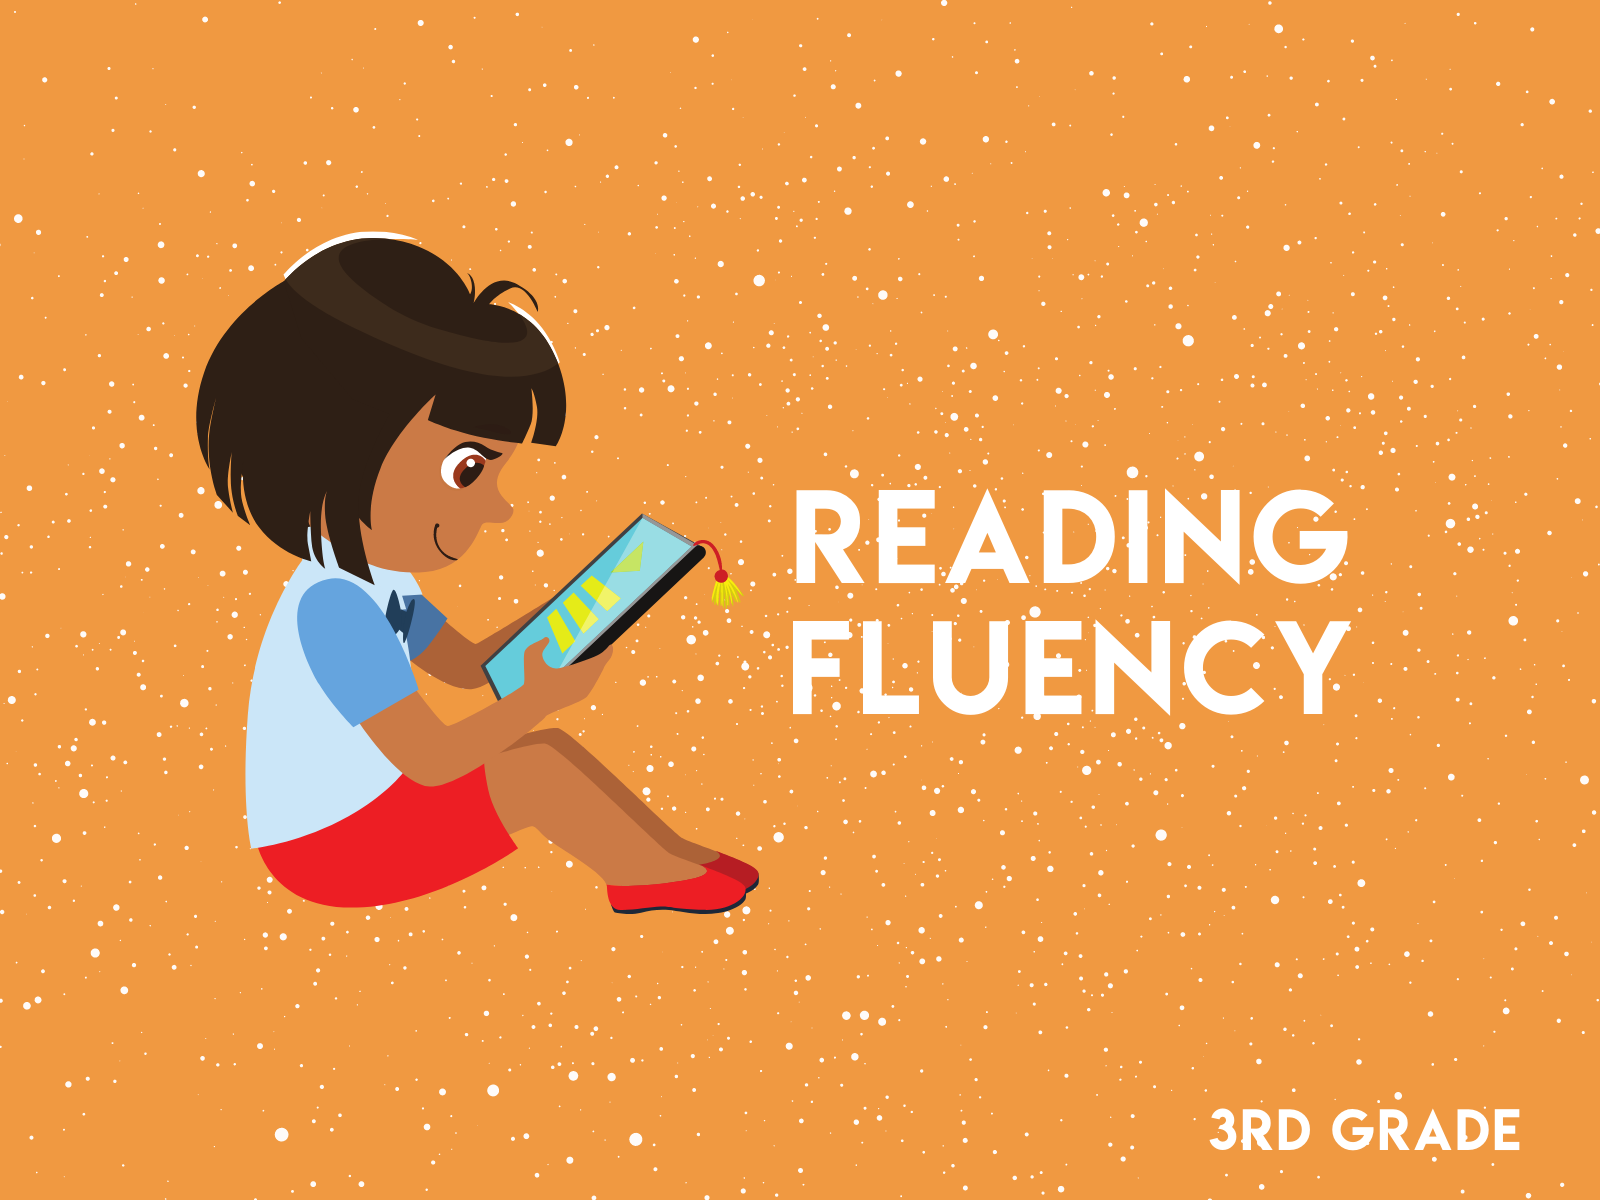 3rd Grade Reading Fluency